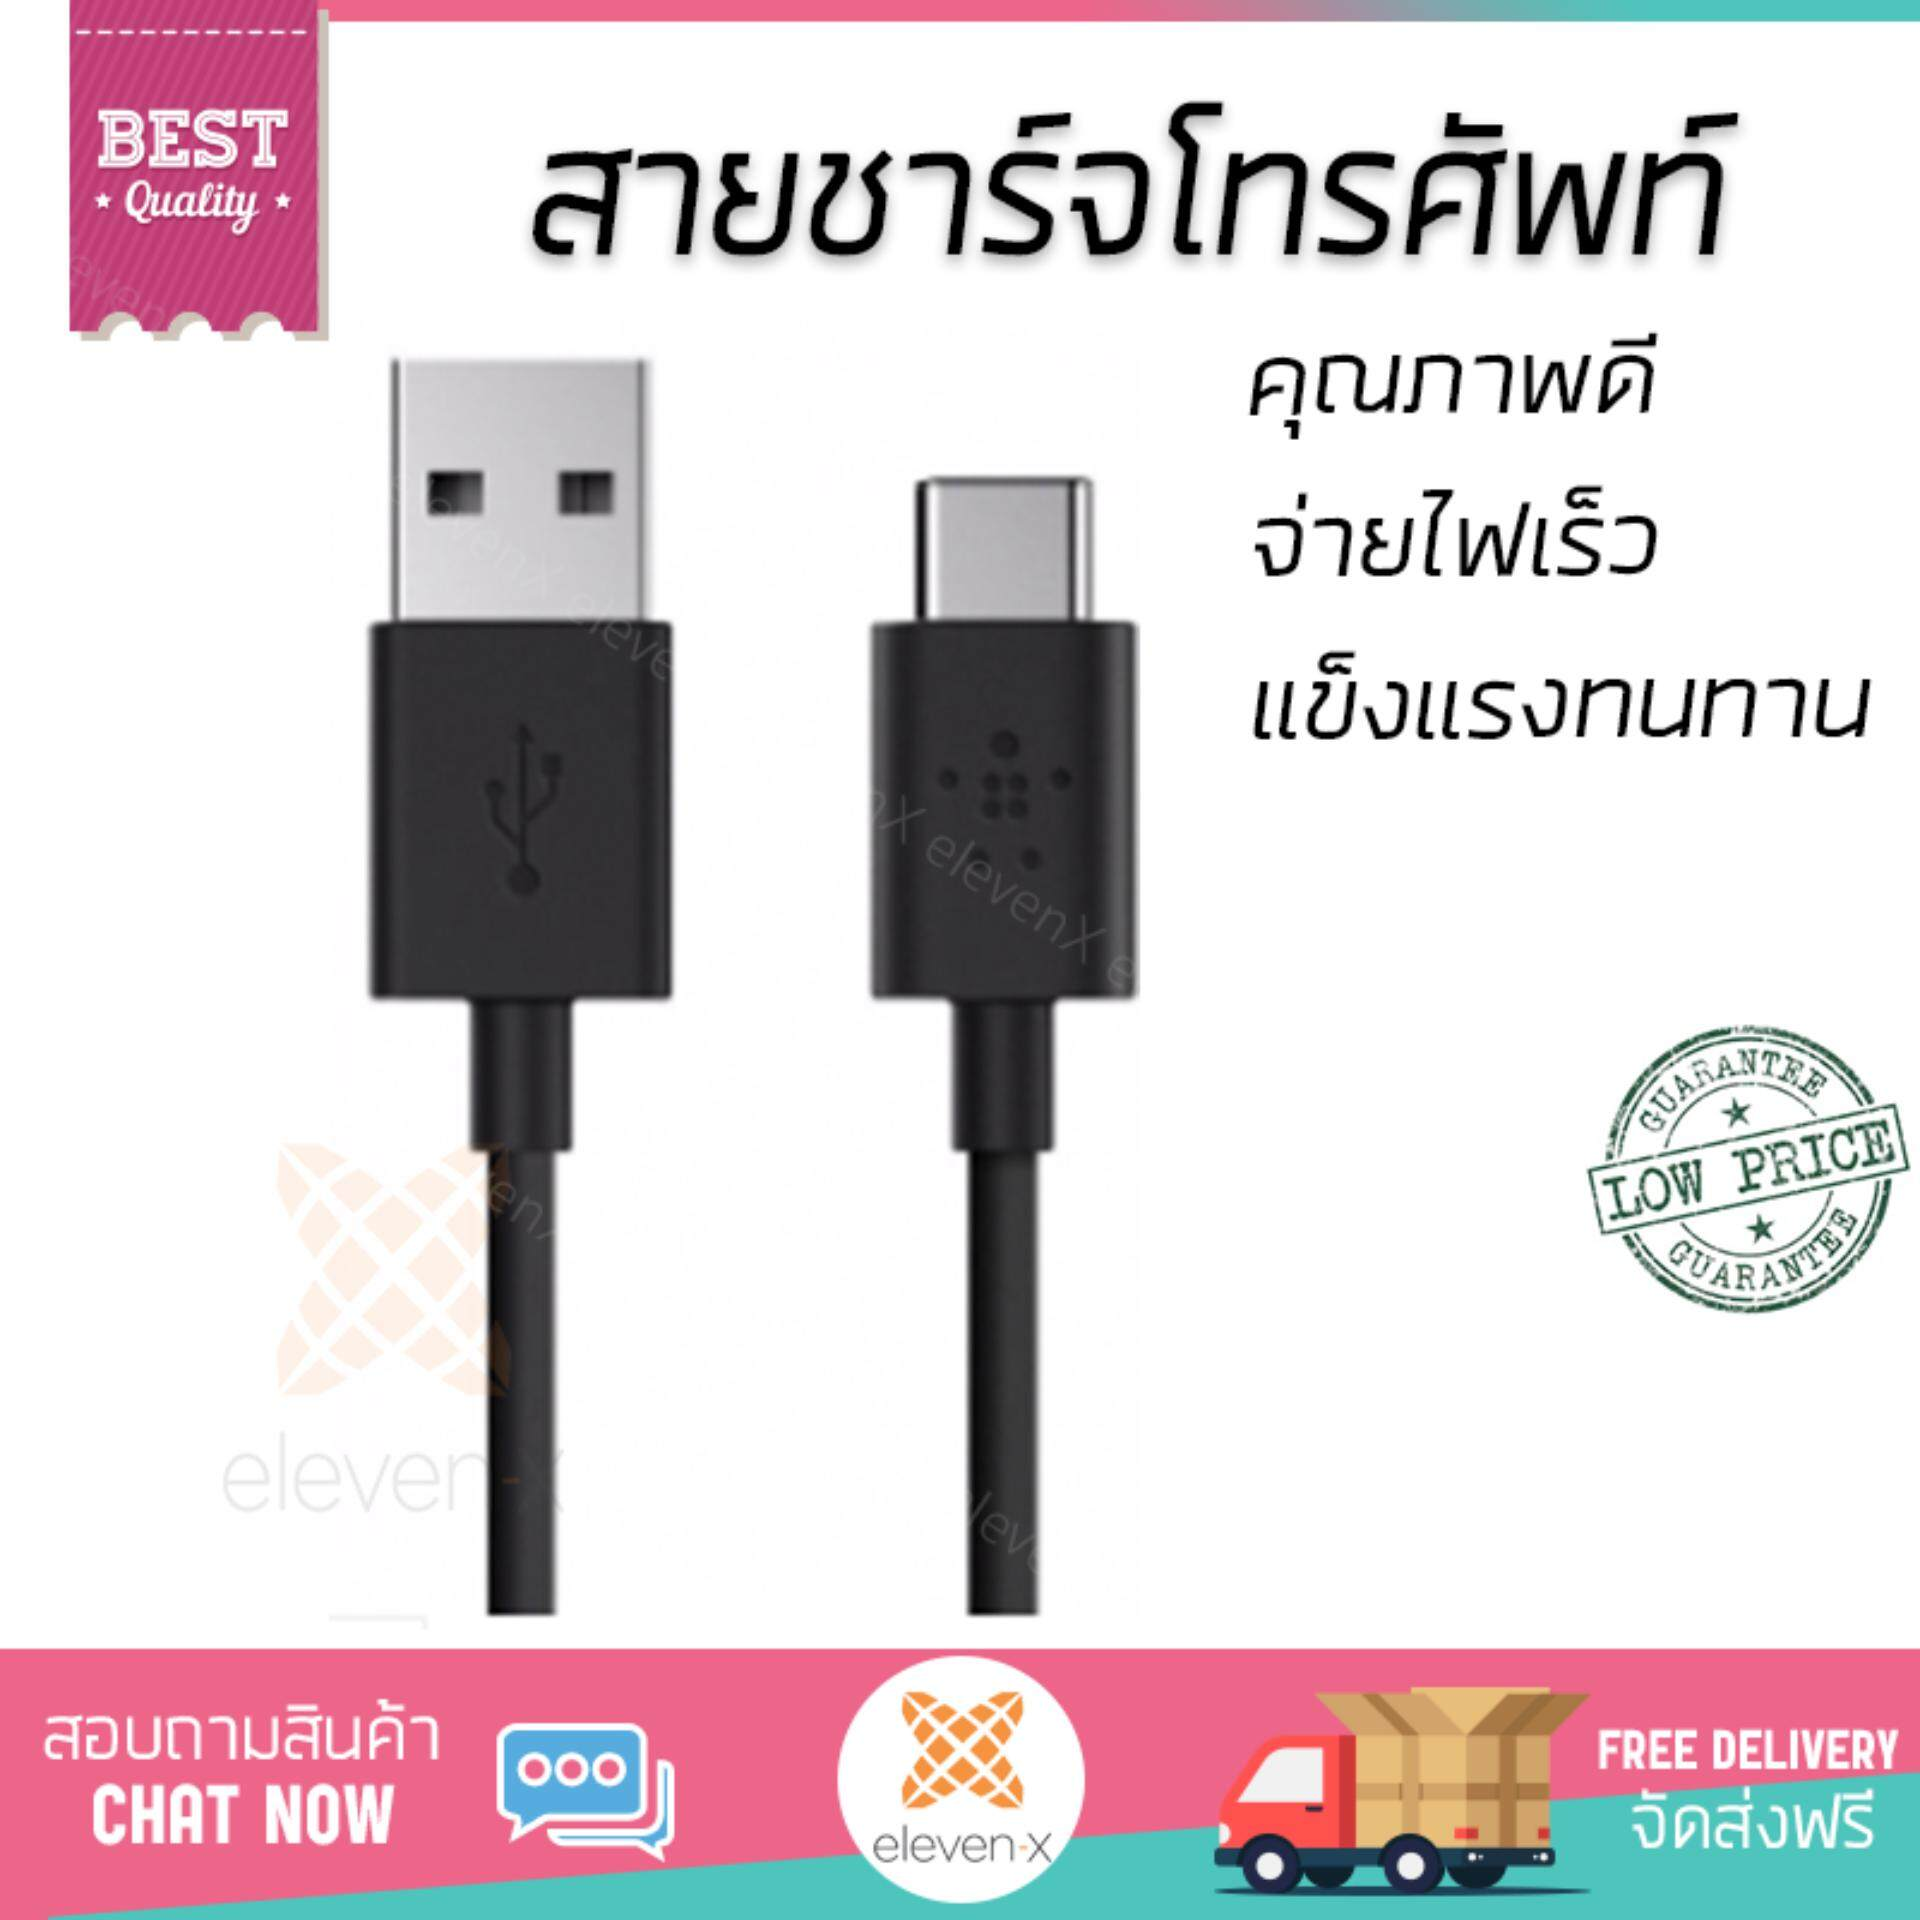 เก็บเงินปลายทางได้ ราคาพิเศษ รุ่นยอดนิยม สายชาร์จโทรศัพท์ Belkin MixIT USB-A to USB-C Cable 1.2M. Black (F2CU032bt04-BLK) สายชาร์จทนทาน แข็งแรง จ่ายไฟเร็ว Mobile Cable จัดส่งฟรี Kerry ทั่วประเทศ